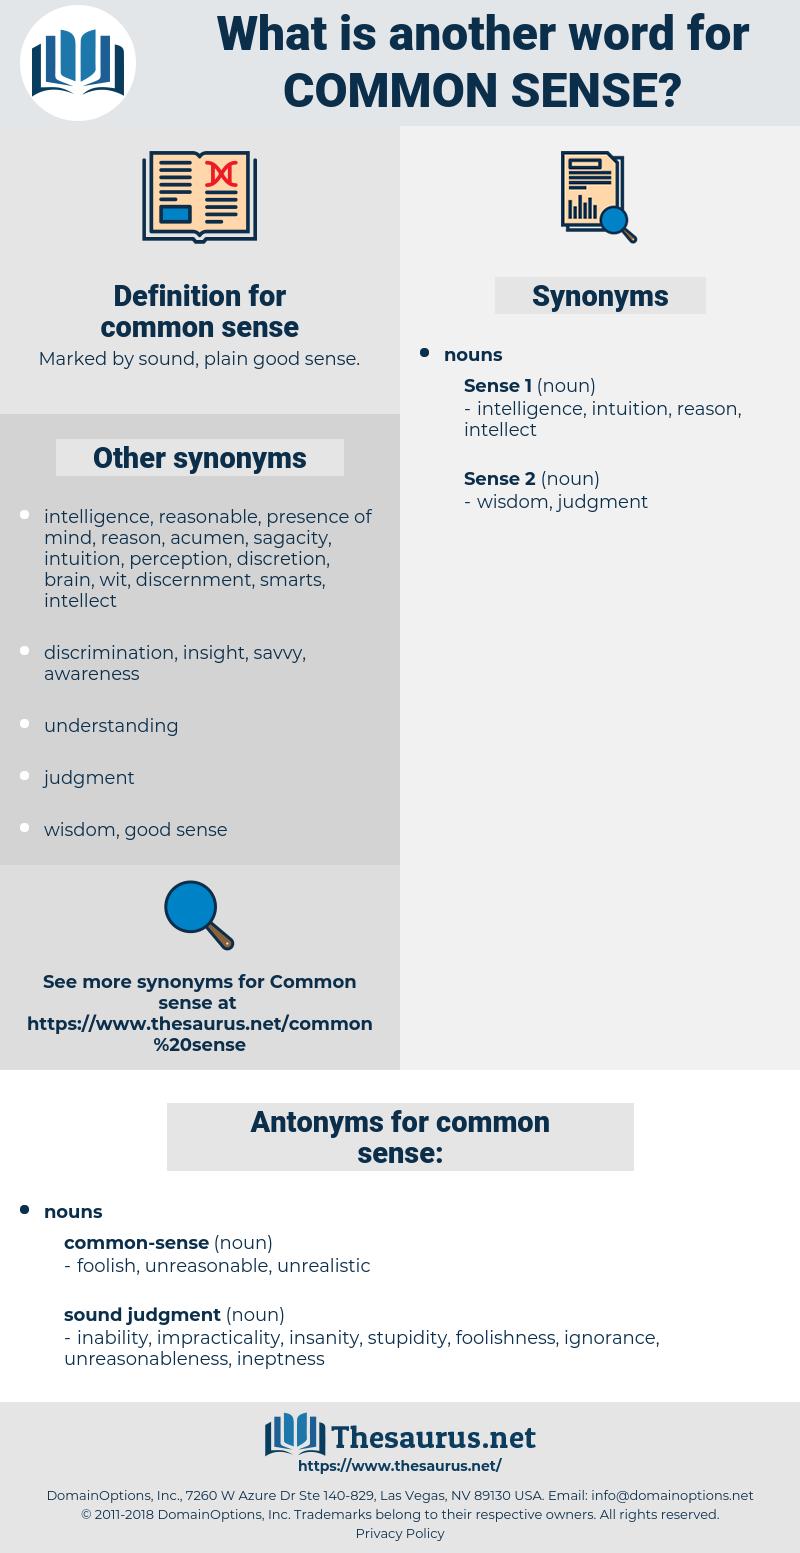 common sense, synonym common sense, another word for common sense, words like common sense, thesaurus common sense